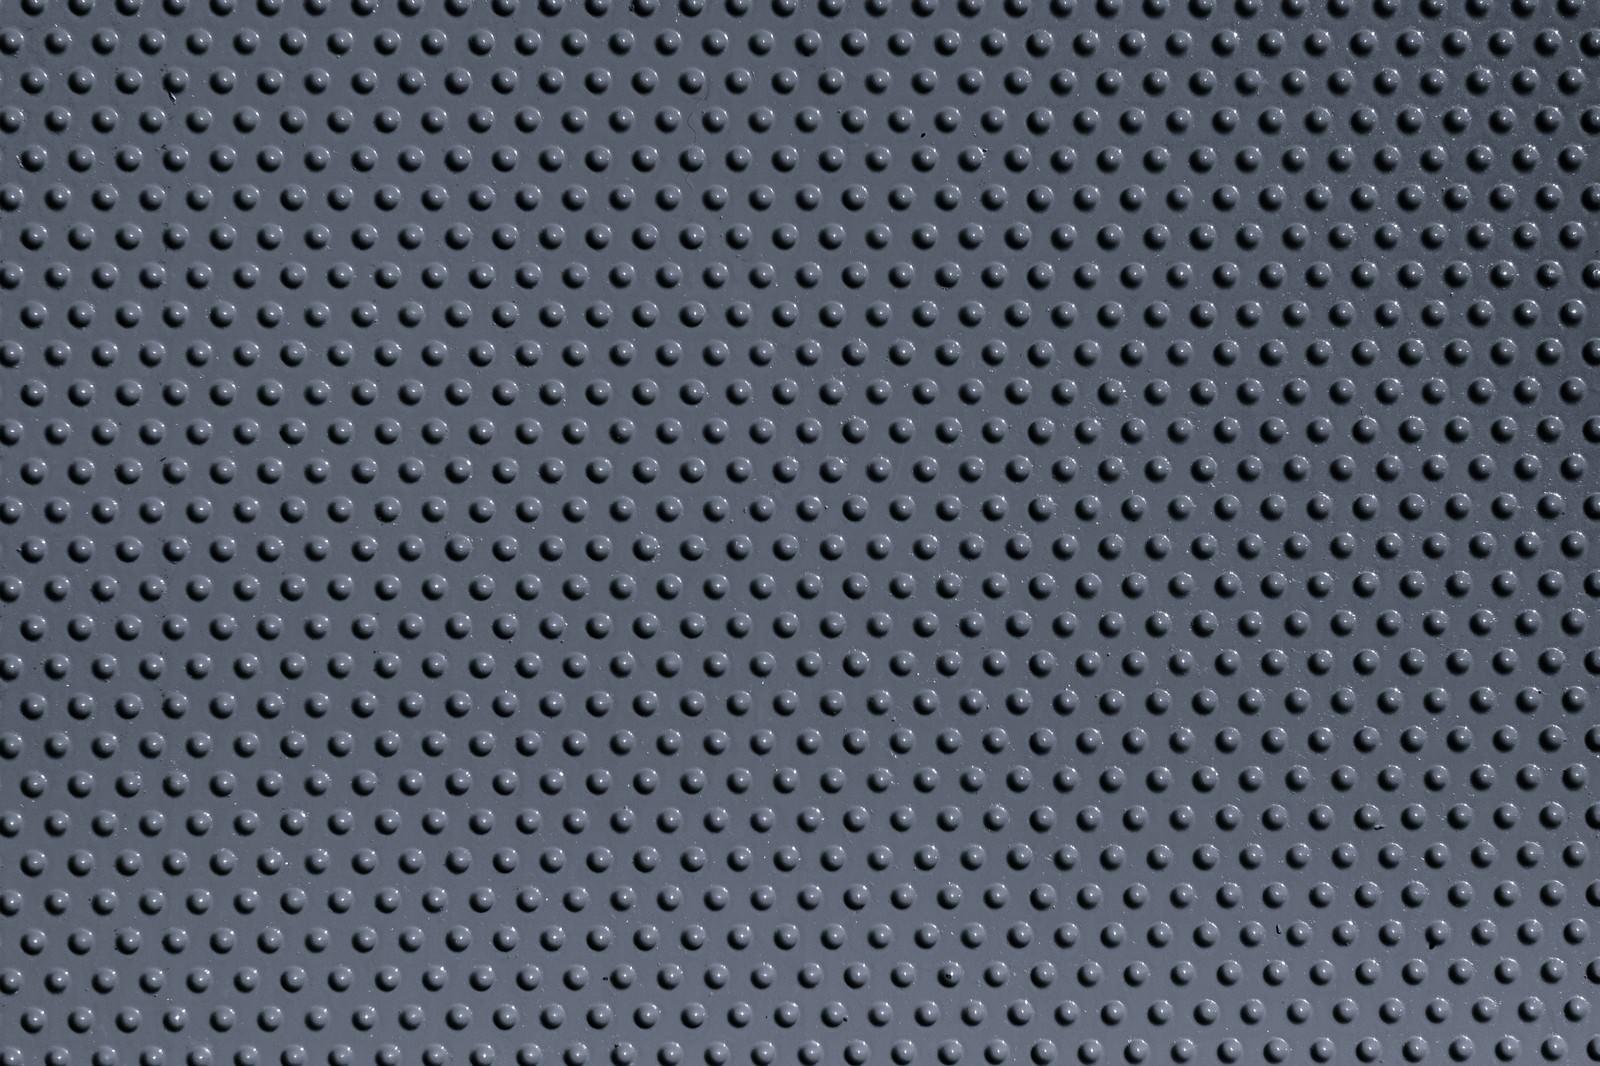 「細かい粒の集合したプラスチック板(テクスチャ)」の写真